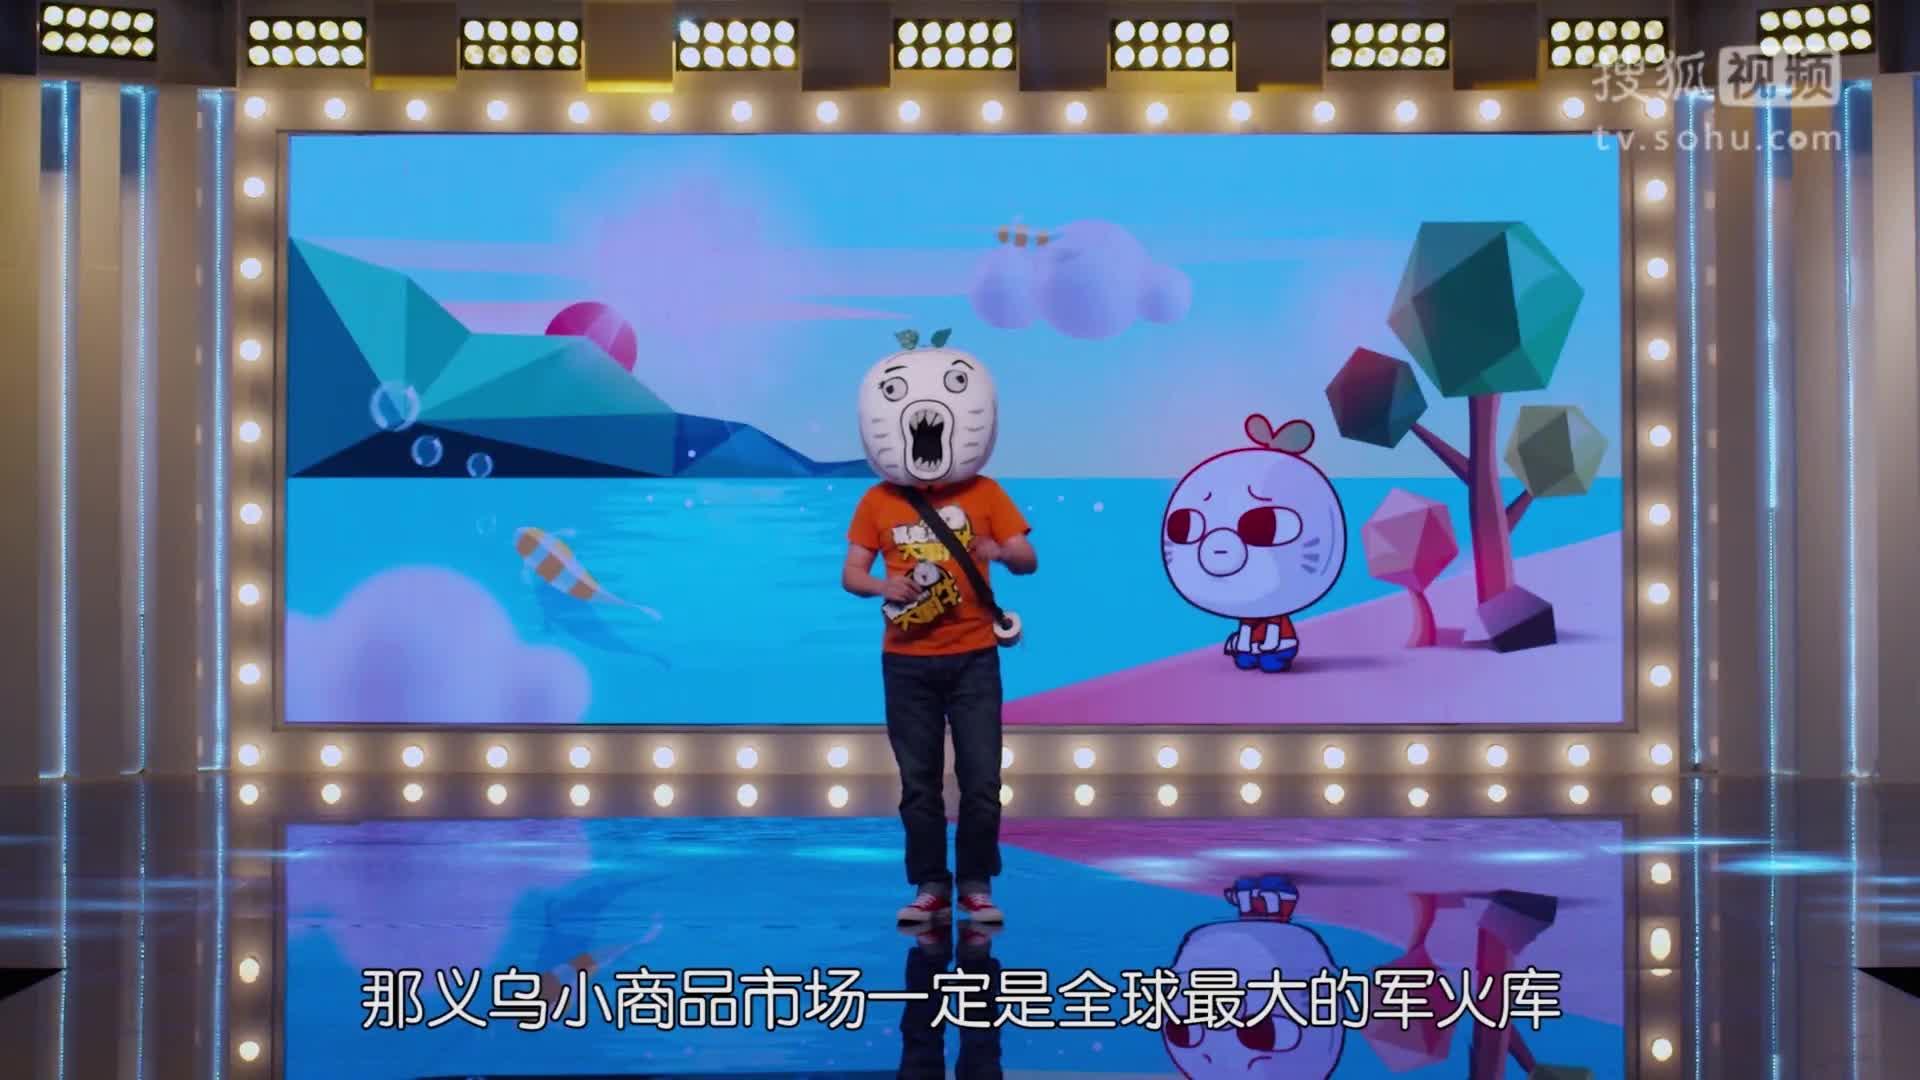 王尼玛带你盘点2016年终大事件77【暴走大事件第四季】